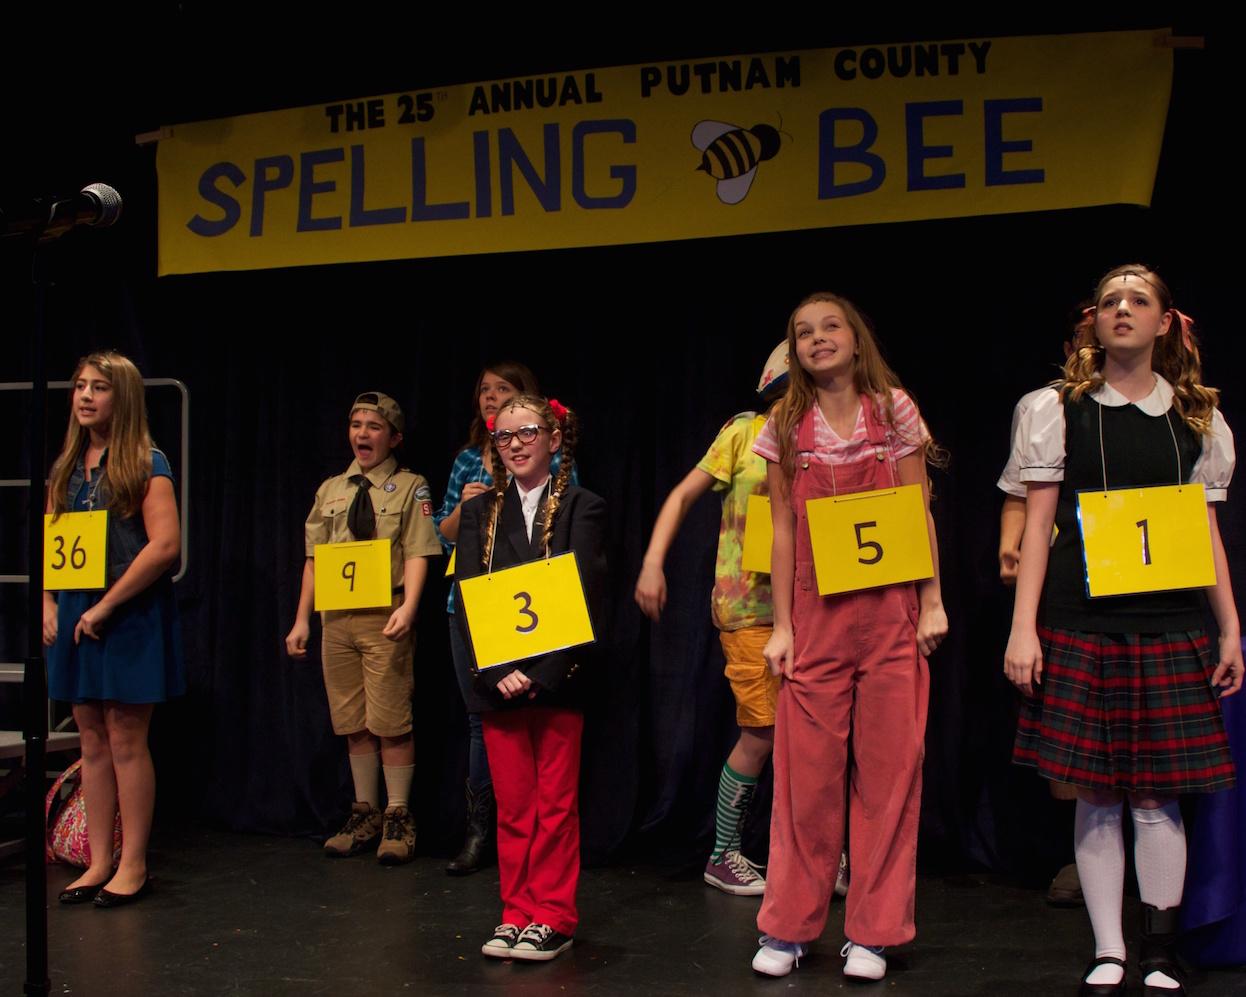 Spelling_Bee_2014_2 6.jpg